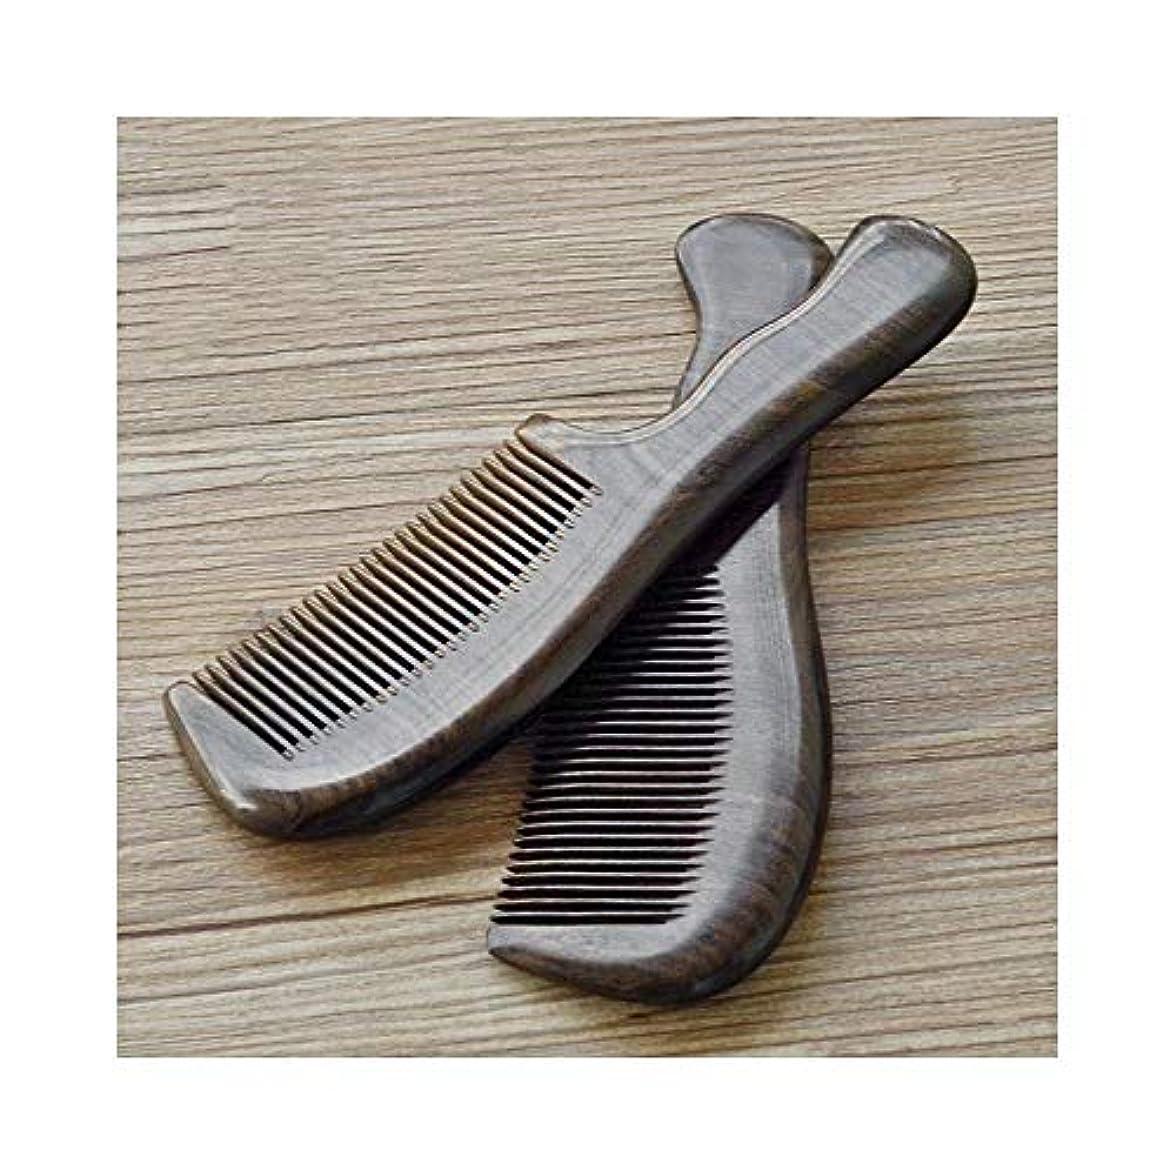 ブレークバット取り組むFashian手作りのサンダルくし静的な天然サンダルウッドくしファイン歯ヘアコーム ヘアケア